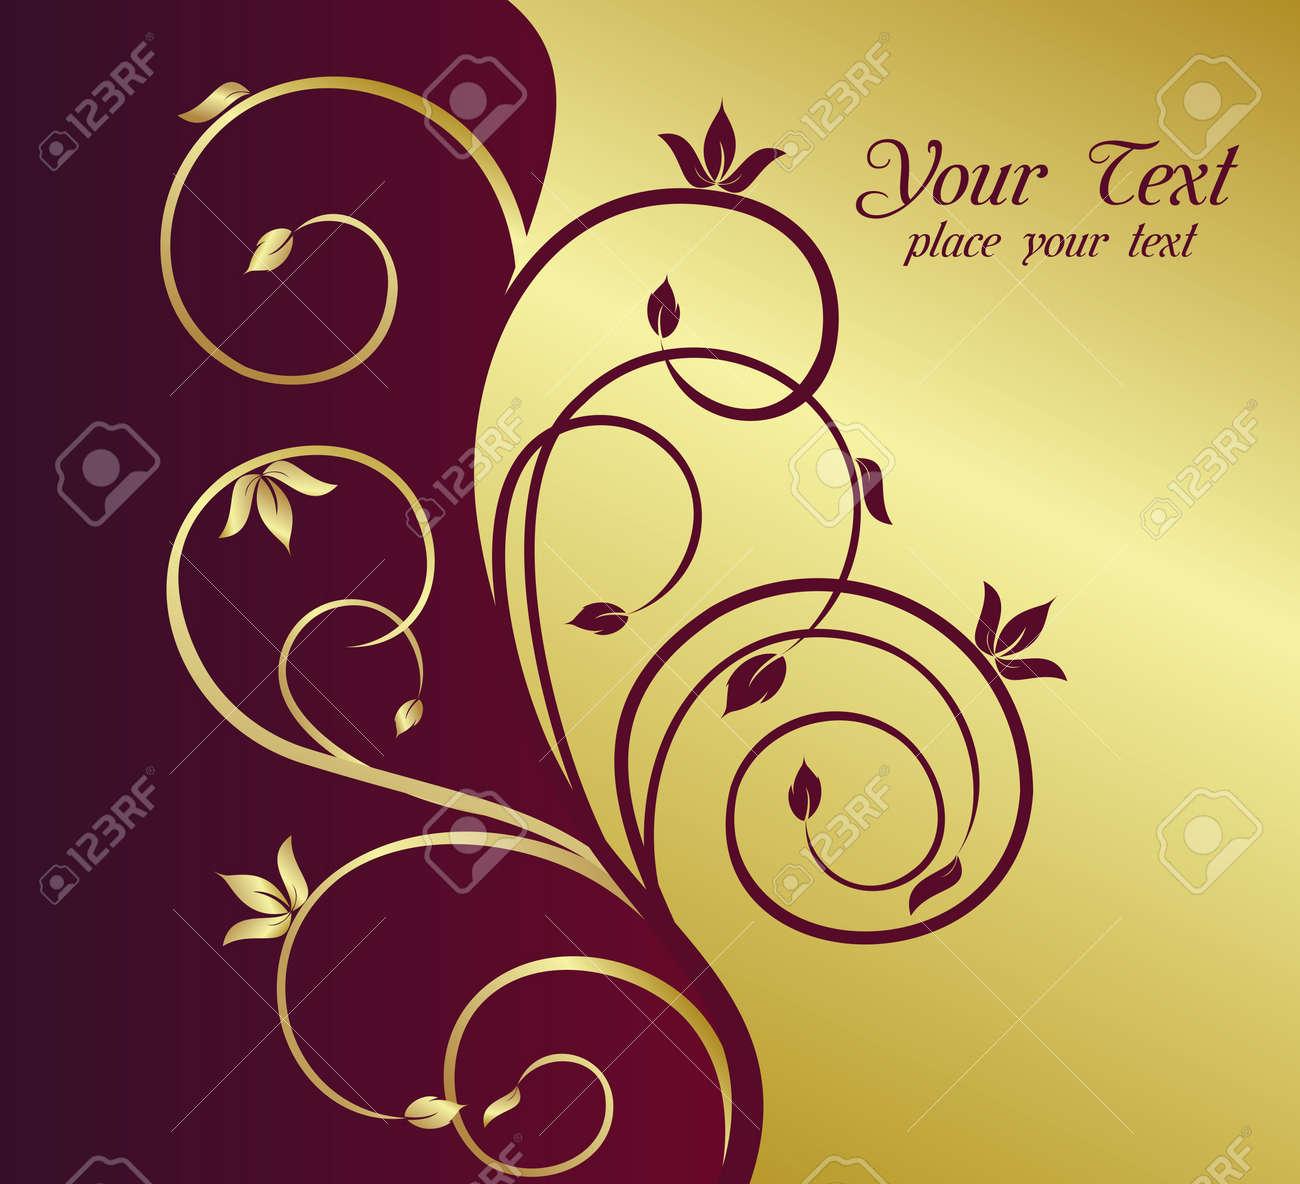 Illustration floral background card for design Stock Vector - 7589443